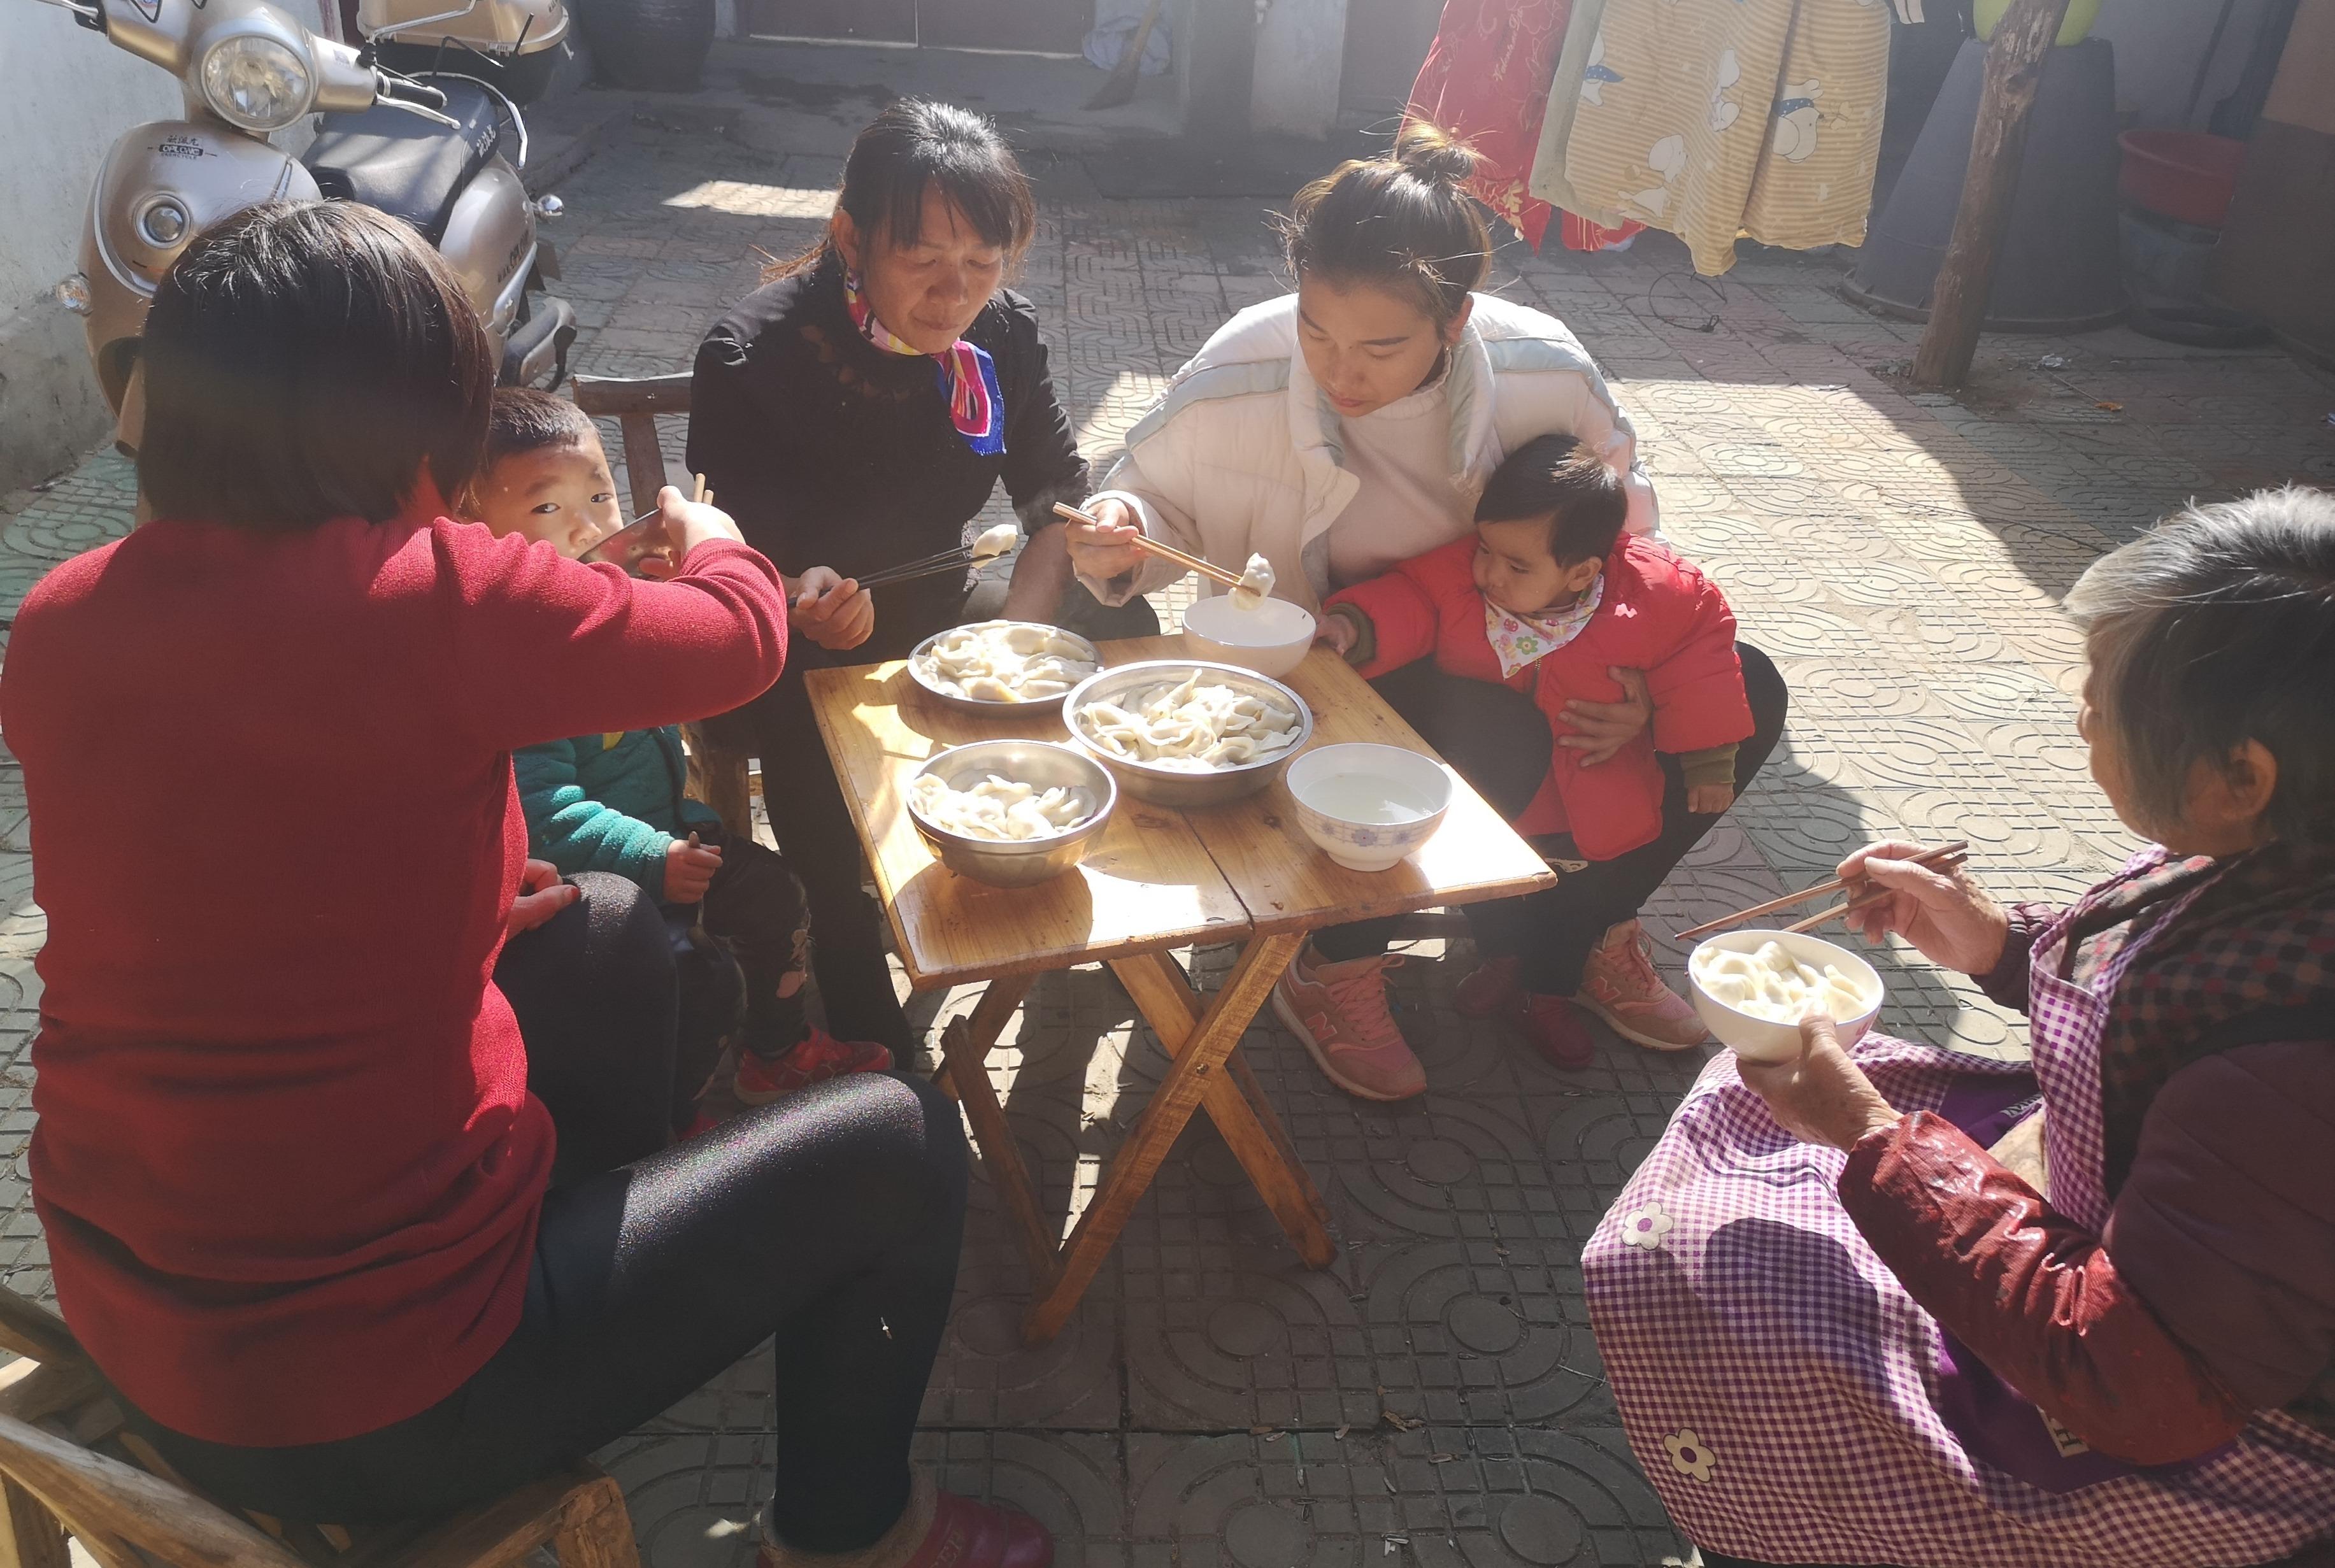 农村姑娘去姥姥家,姥姥做的什么好吃的,姑娘直呼要吃两大碗